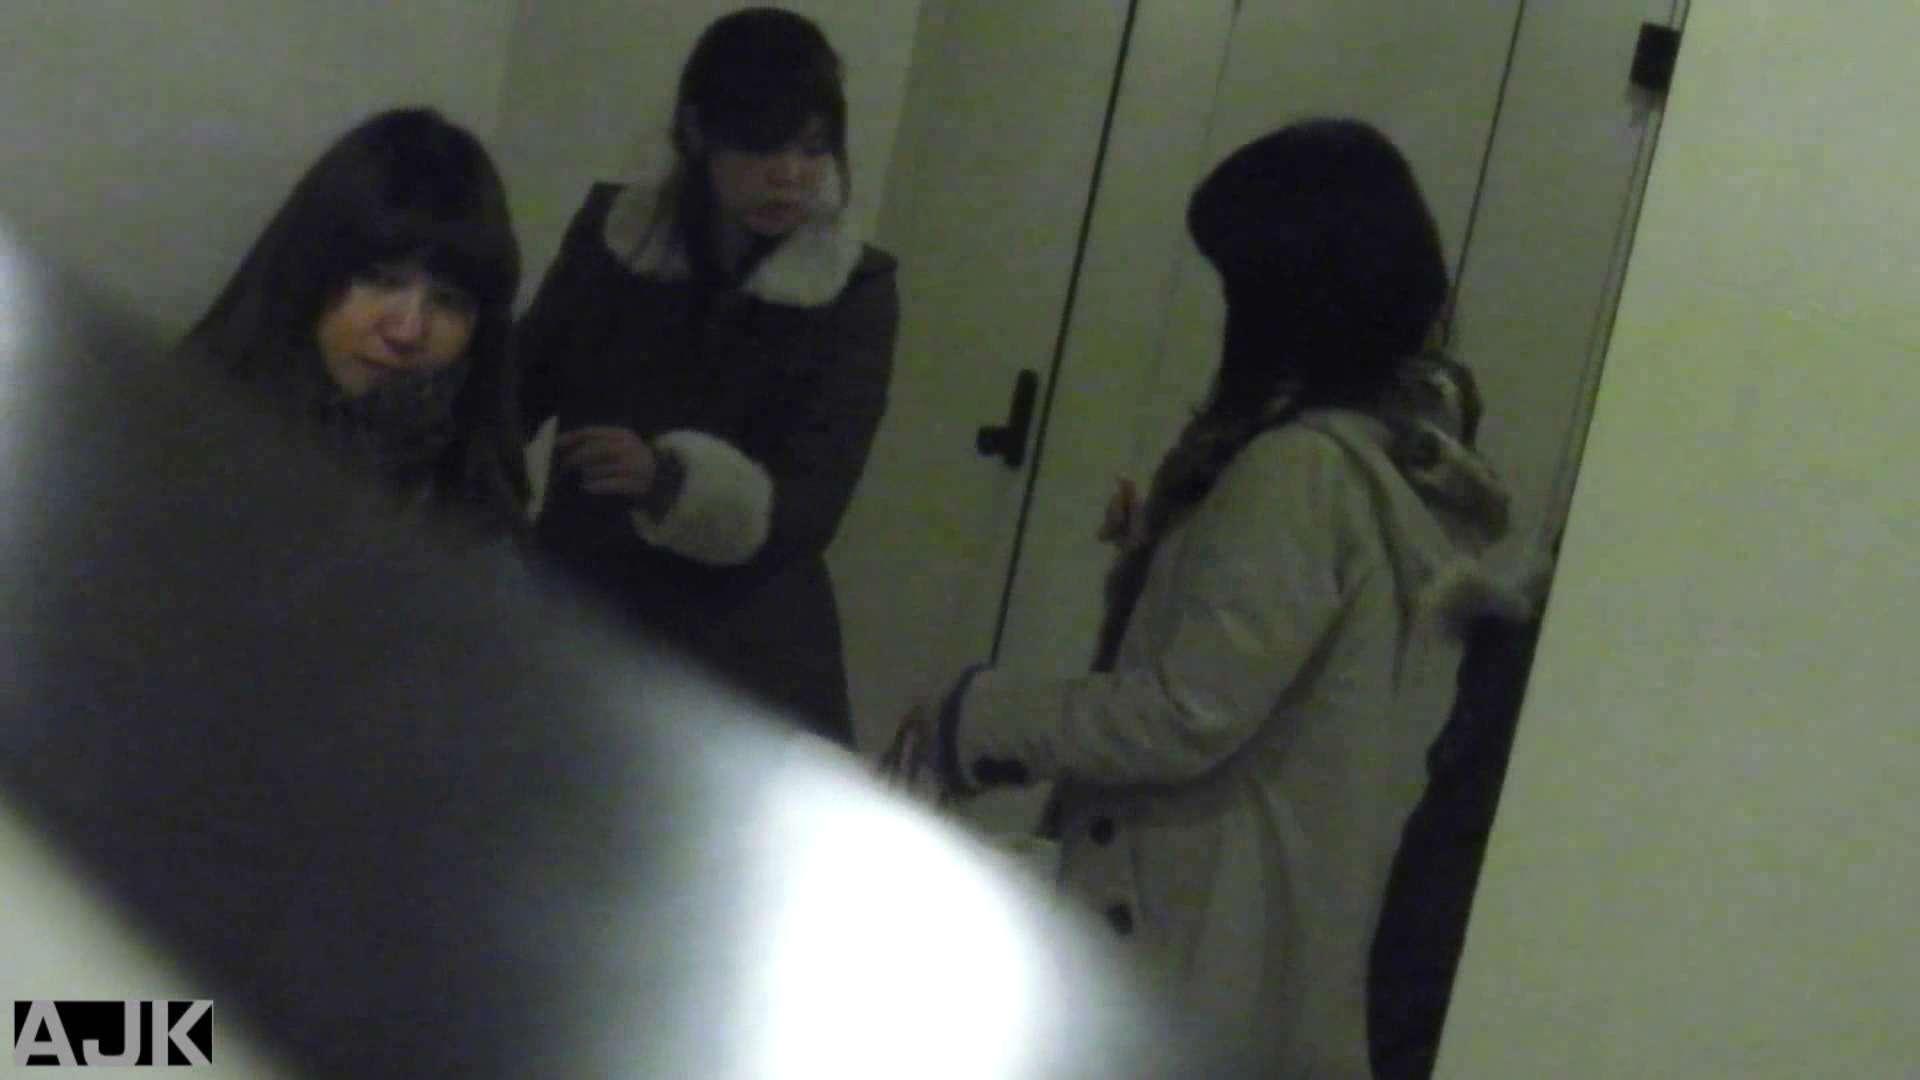 隣国上階級エリアの令嬢たちが集うデパートお手洗い Vol.20 お手洗い  89pic 40